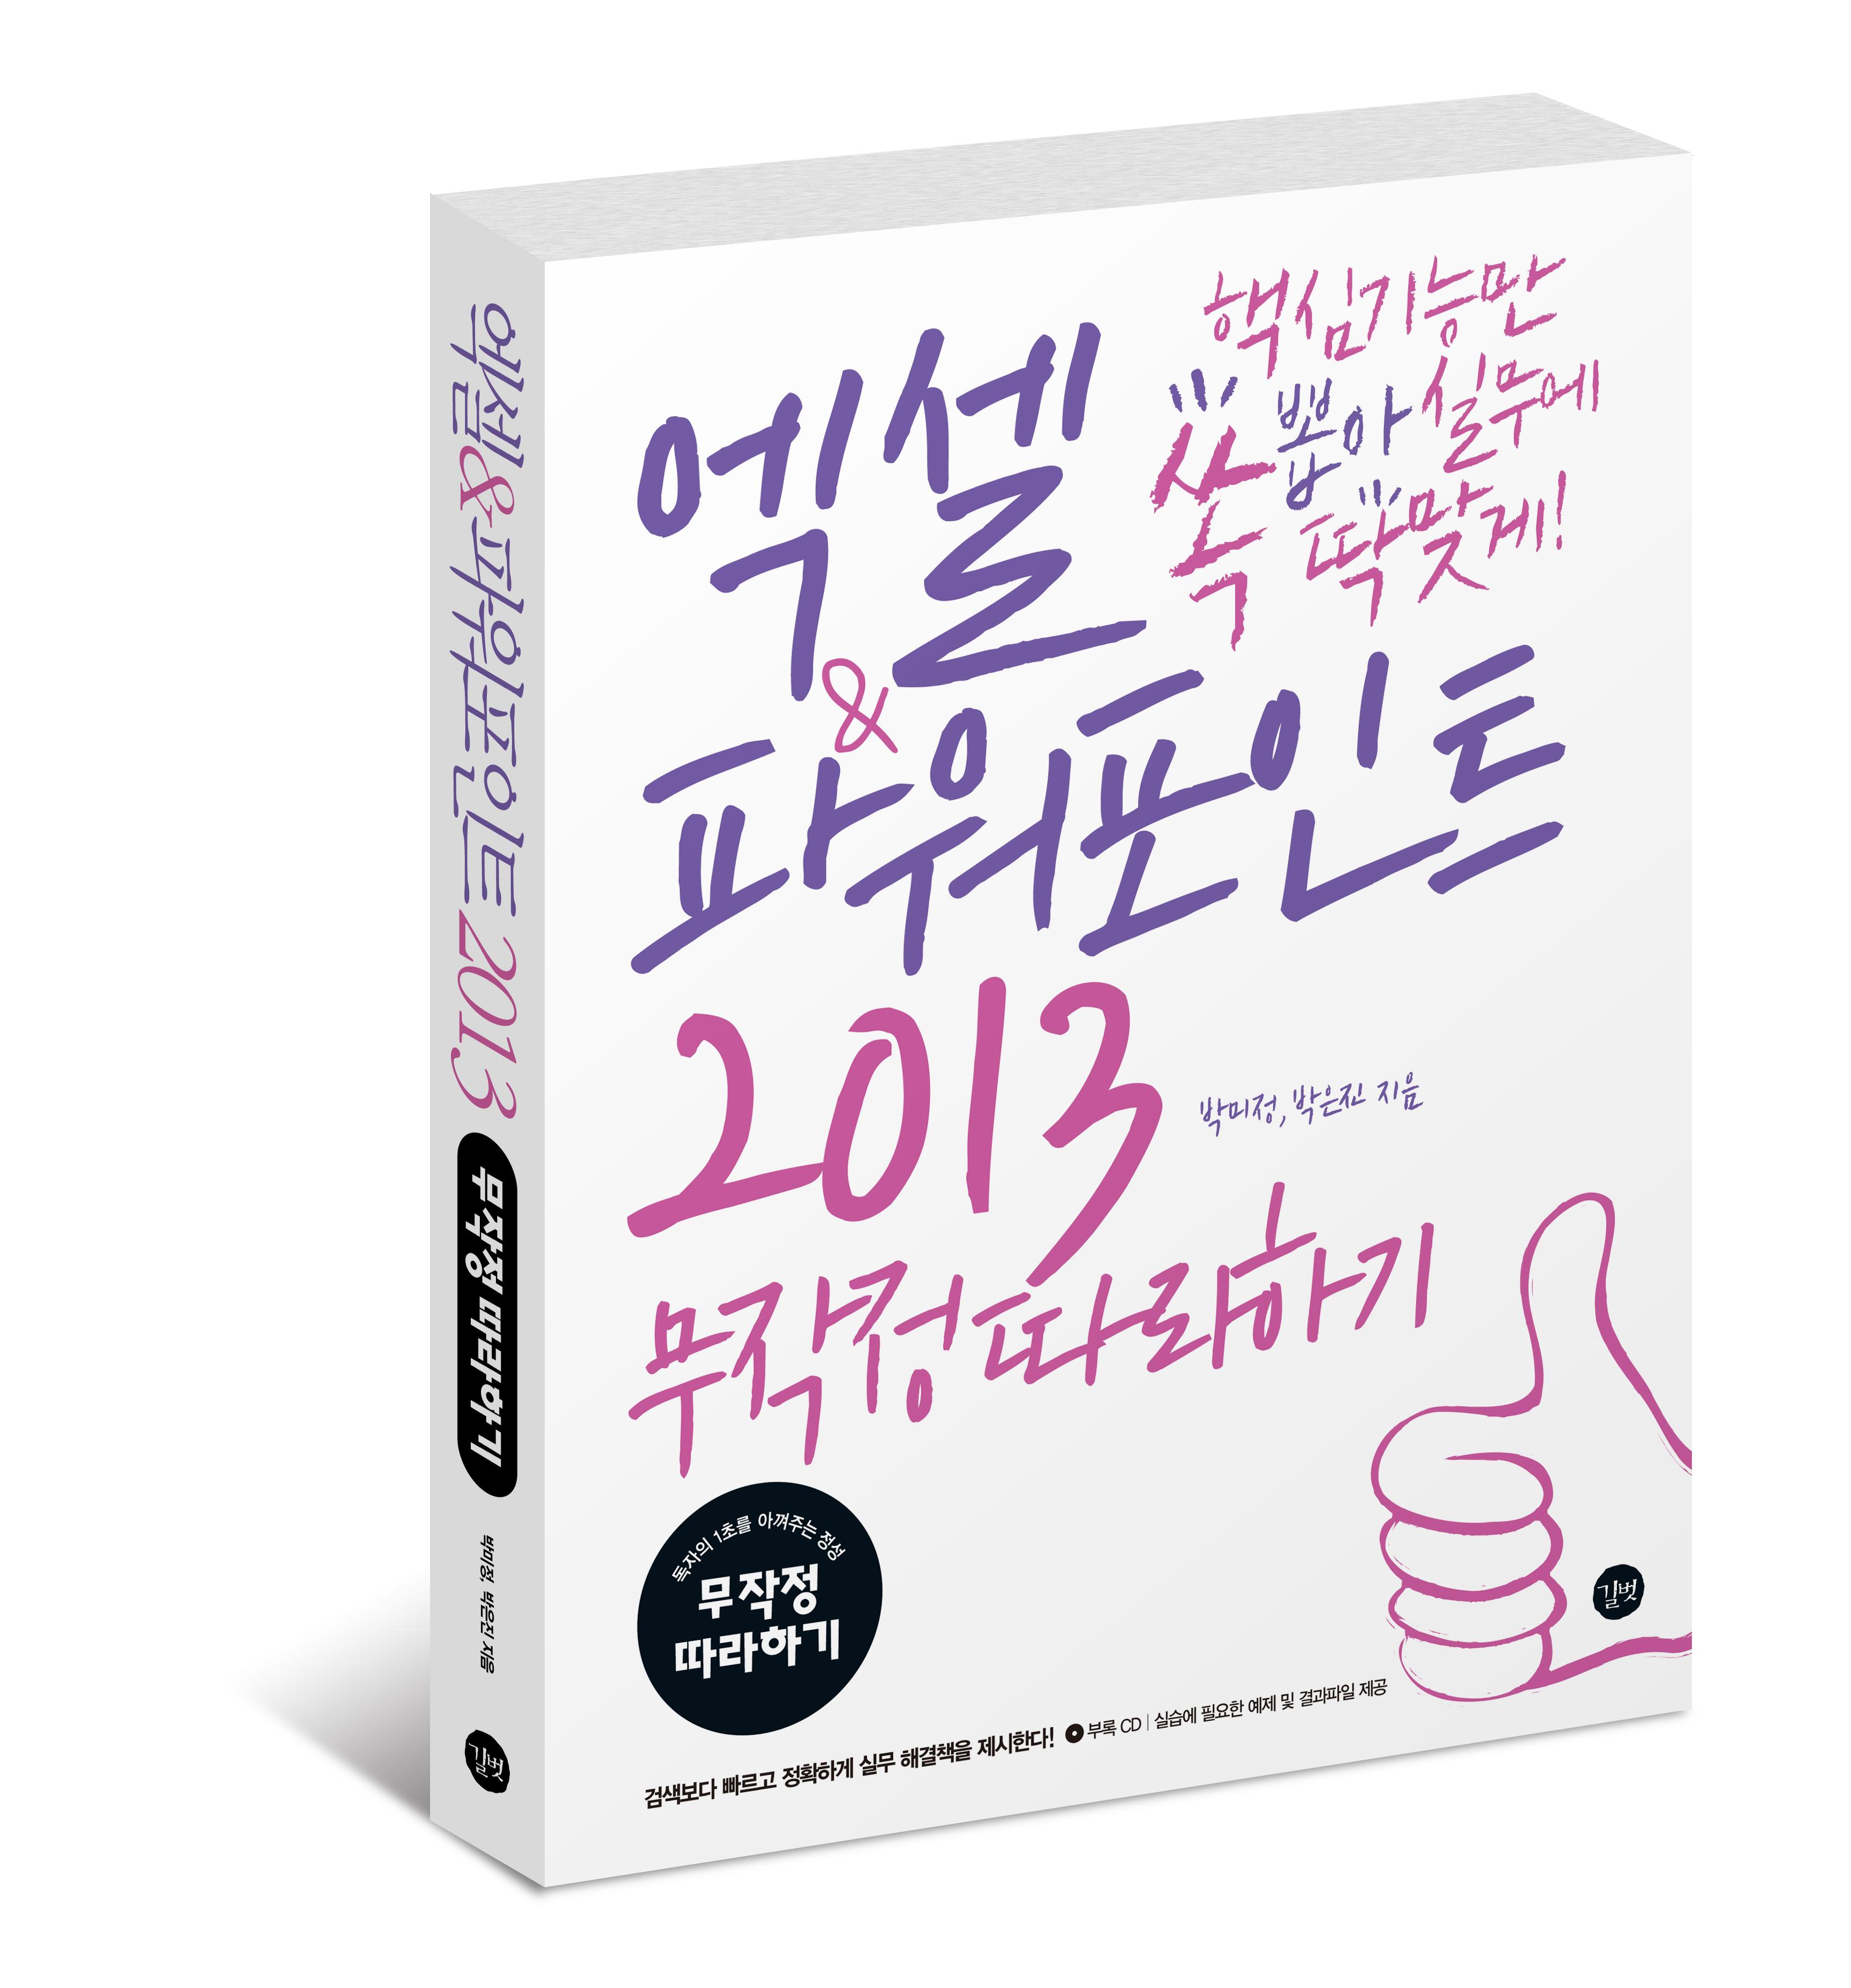 엑셀&파워포인트 2013 무작정 따라하기 서평 이벤트 당첨자 발표!